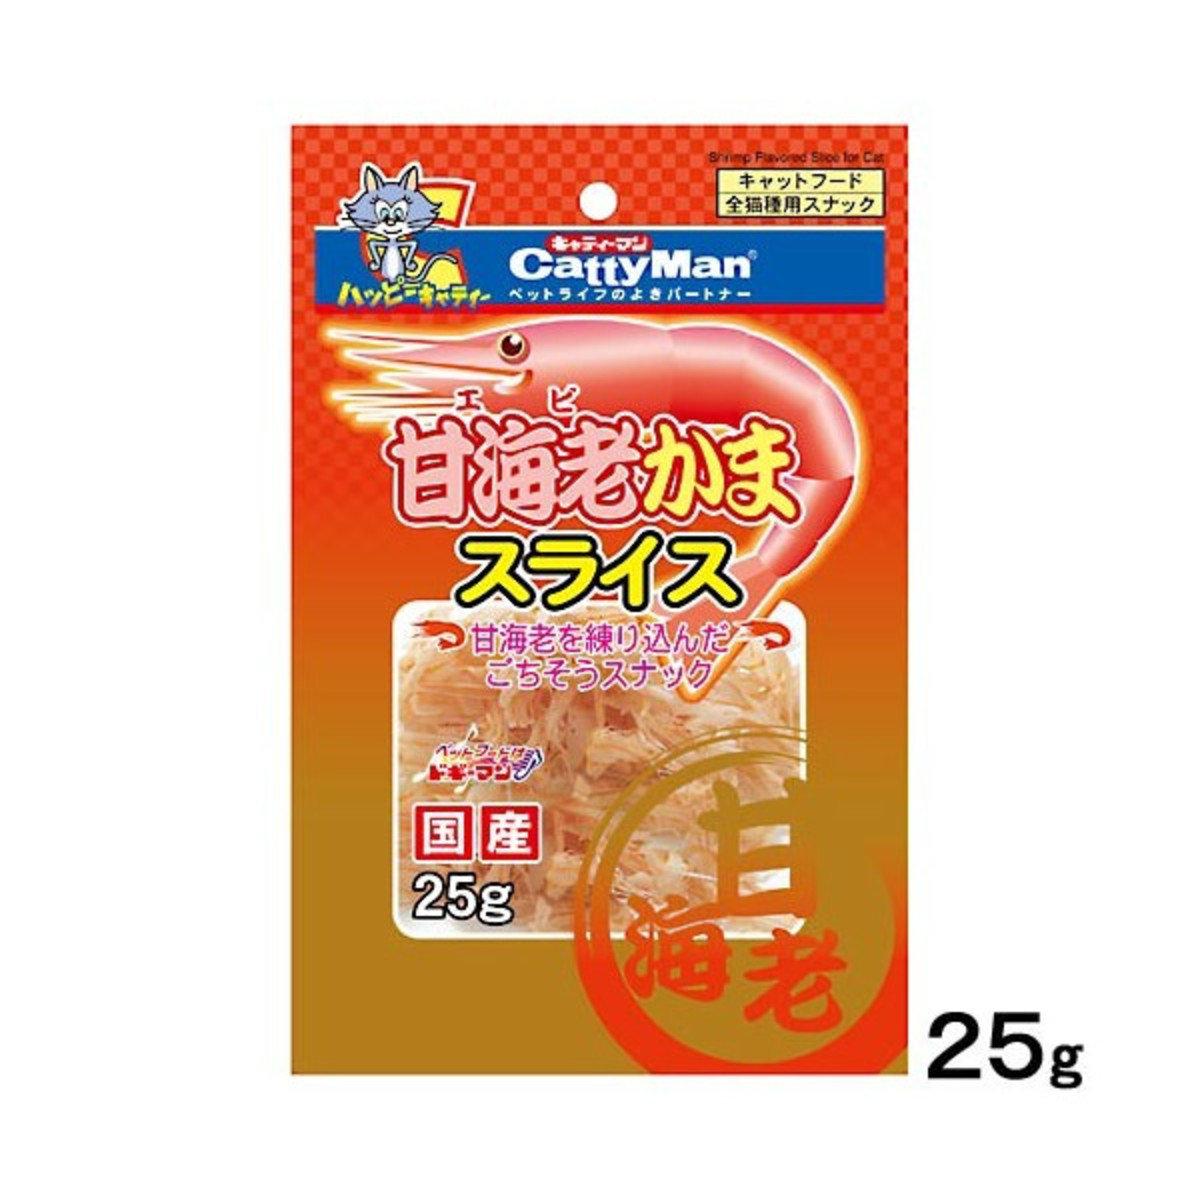 日本 CattyMan 甘蝦貝類魚絲